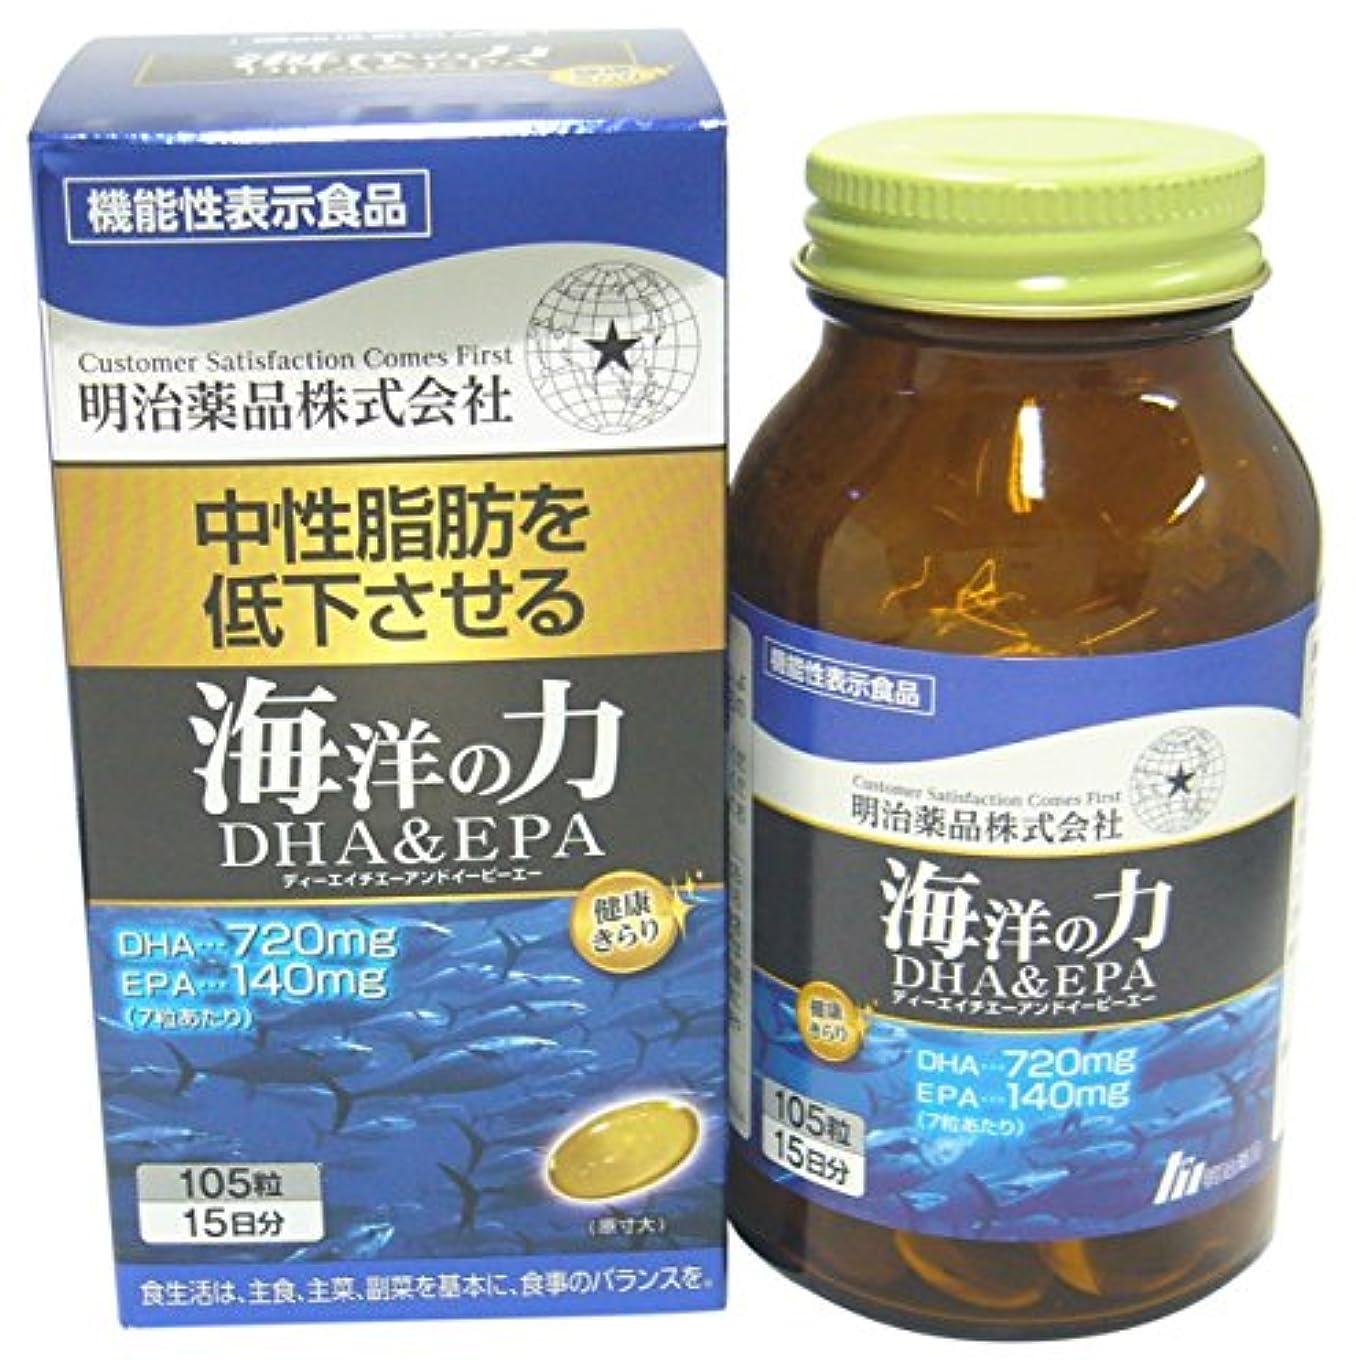 健康きらり 海洋の力DHA&EPA 105粒